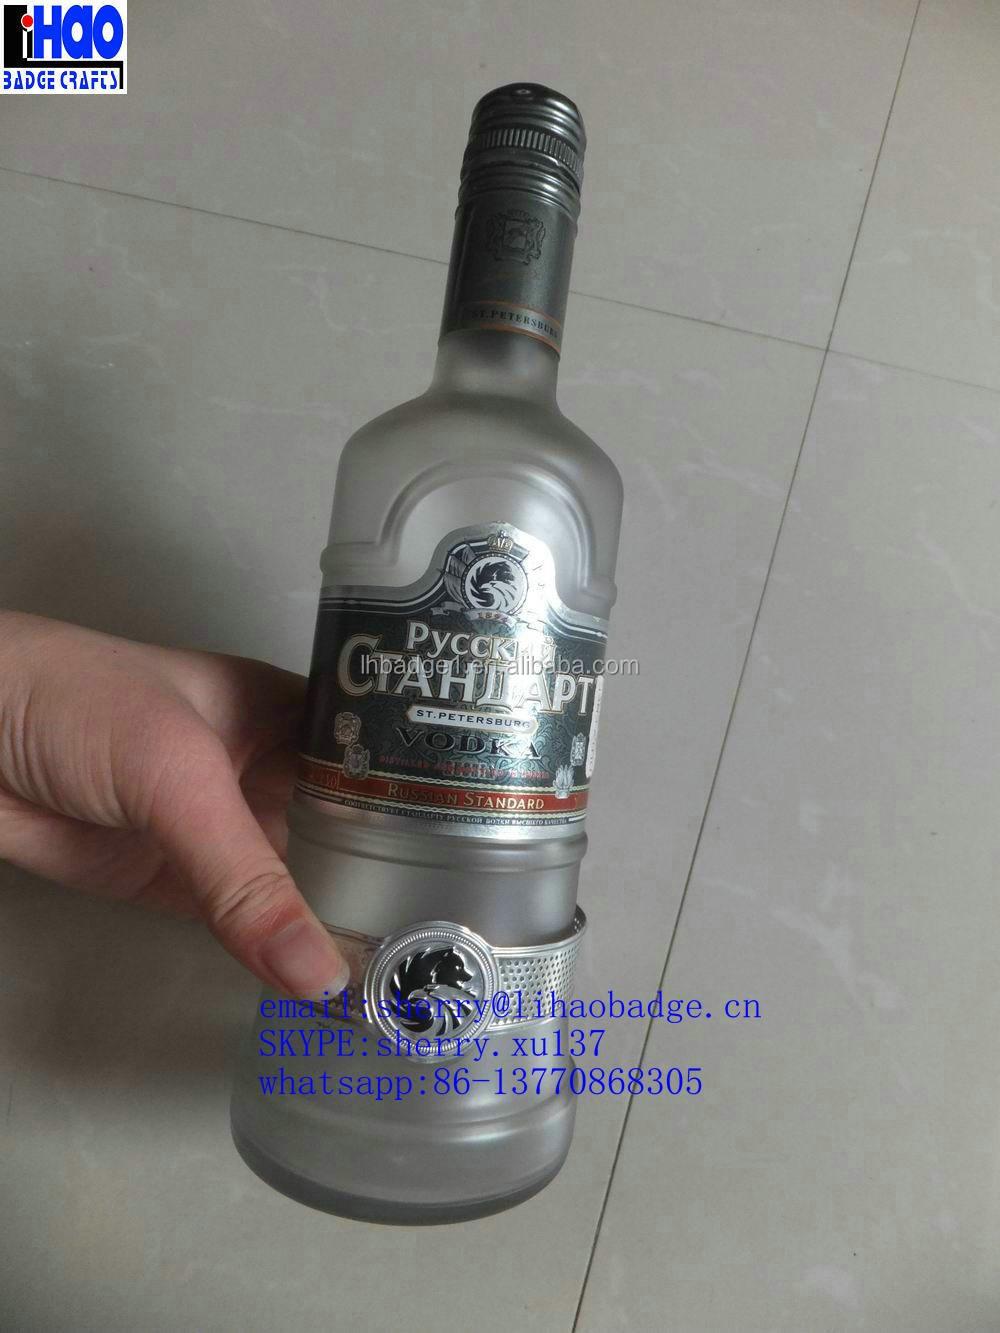 Glass Bottle Plastic Cap Wholesale Vodka Bottle Cap Wine